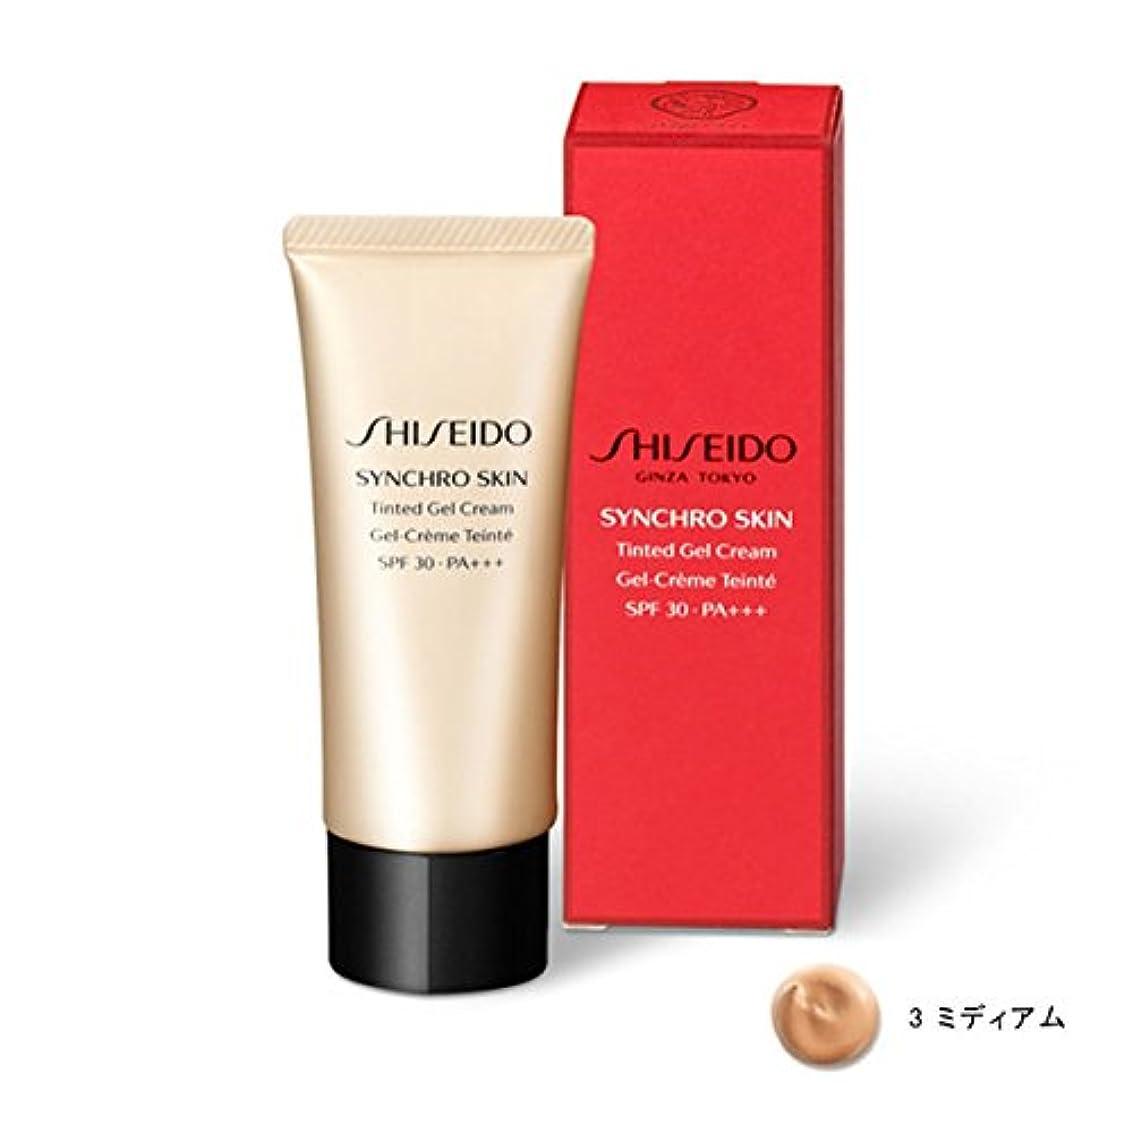 グリットプラスチック月曜SHISEIDO Makeup(資生堂 メーキャップ) SHISEIDO(資生堂) シンクロスキン ティンティッド ジェルクリーム (3 ミディアム)